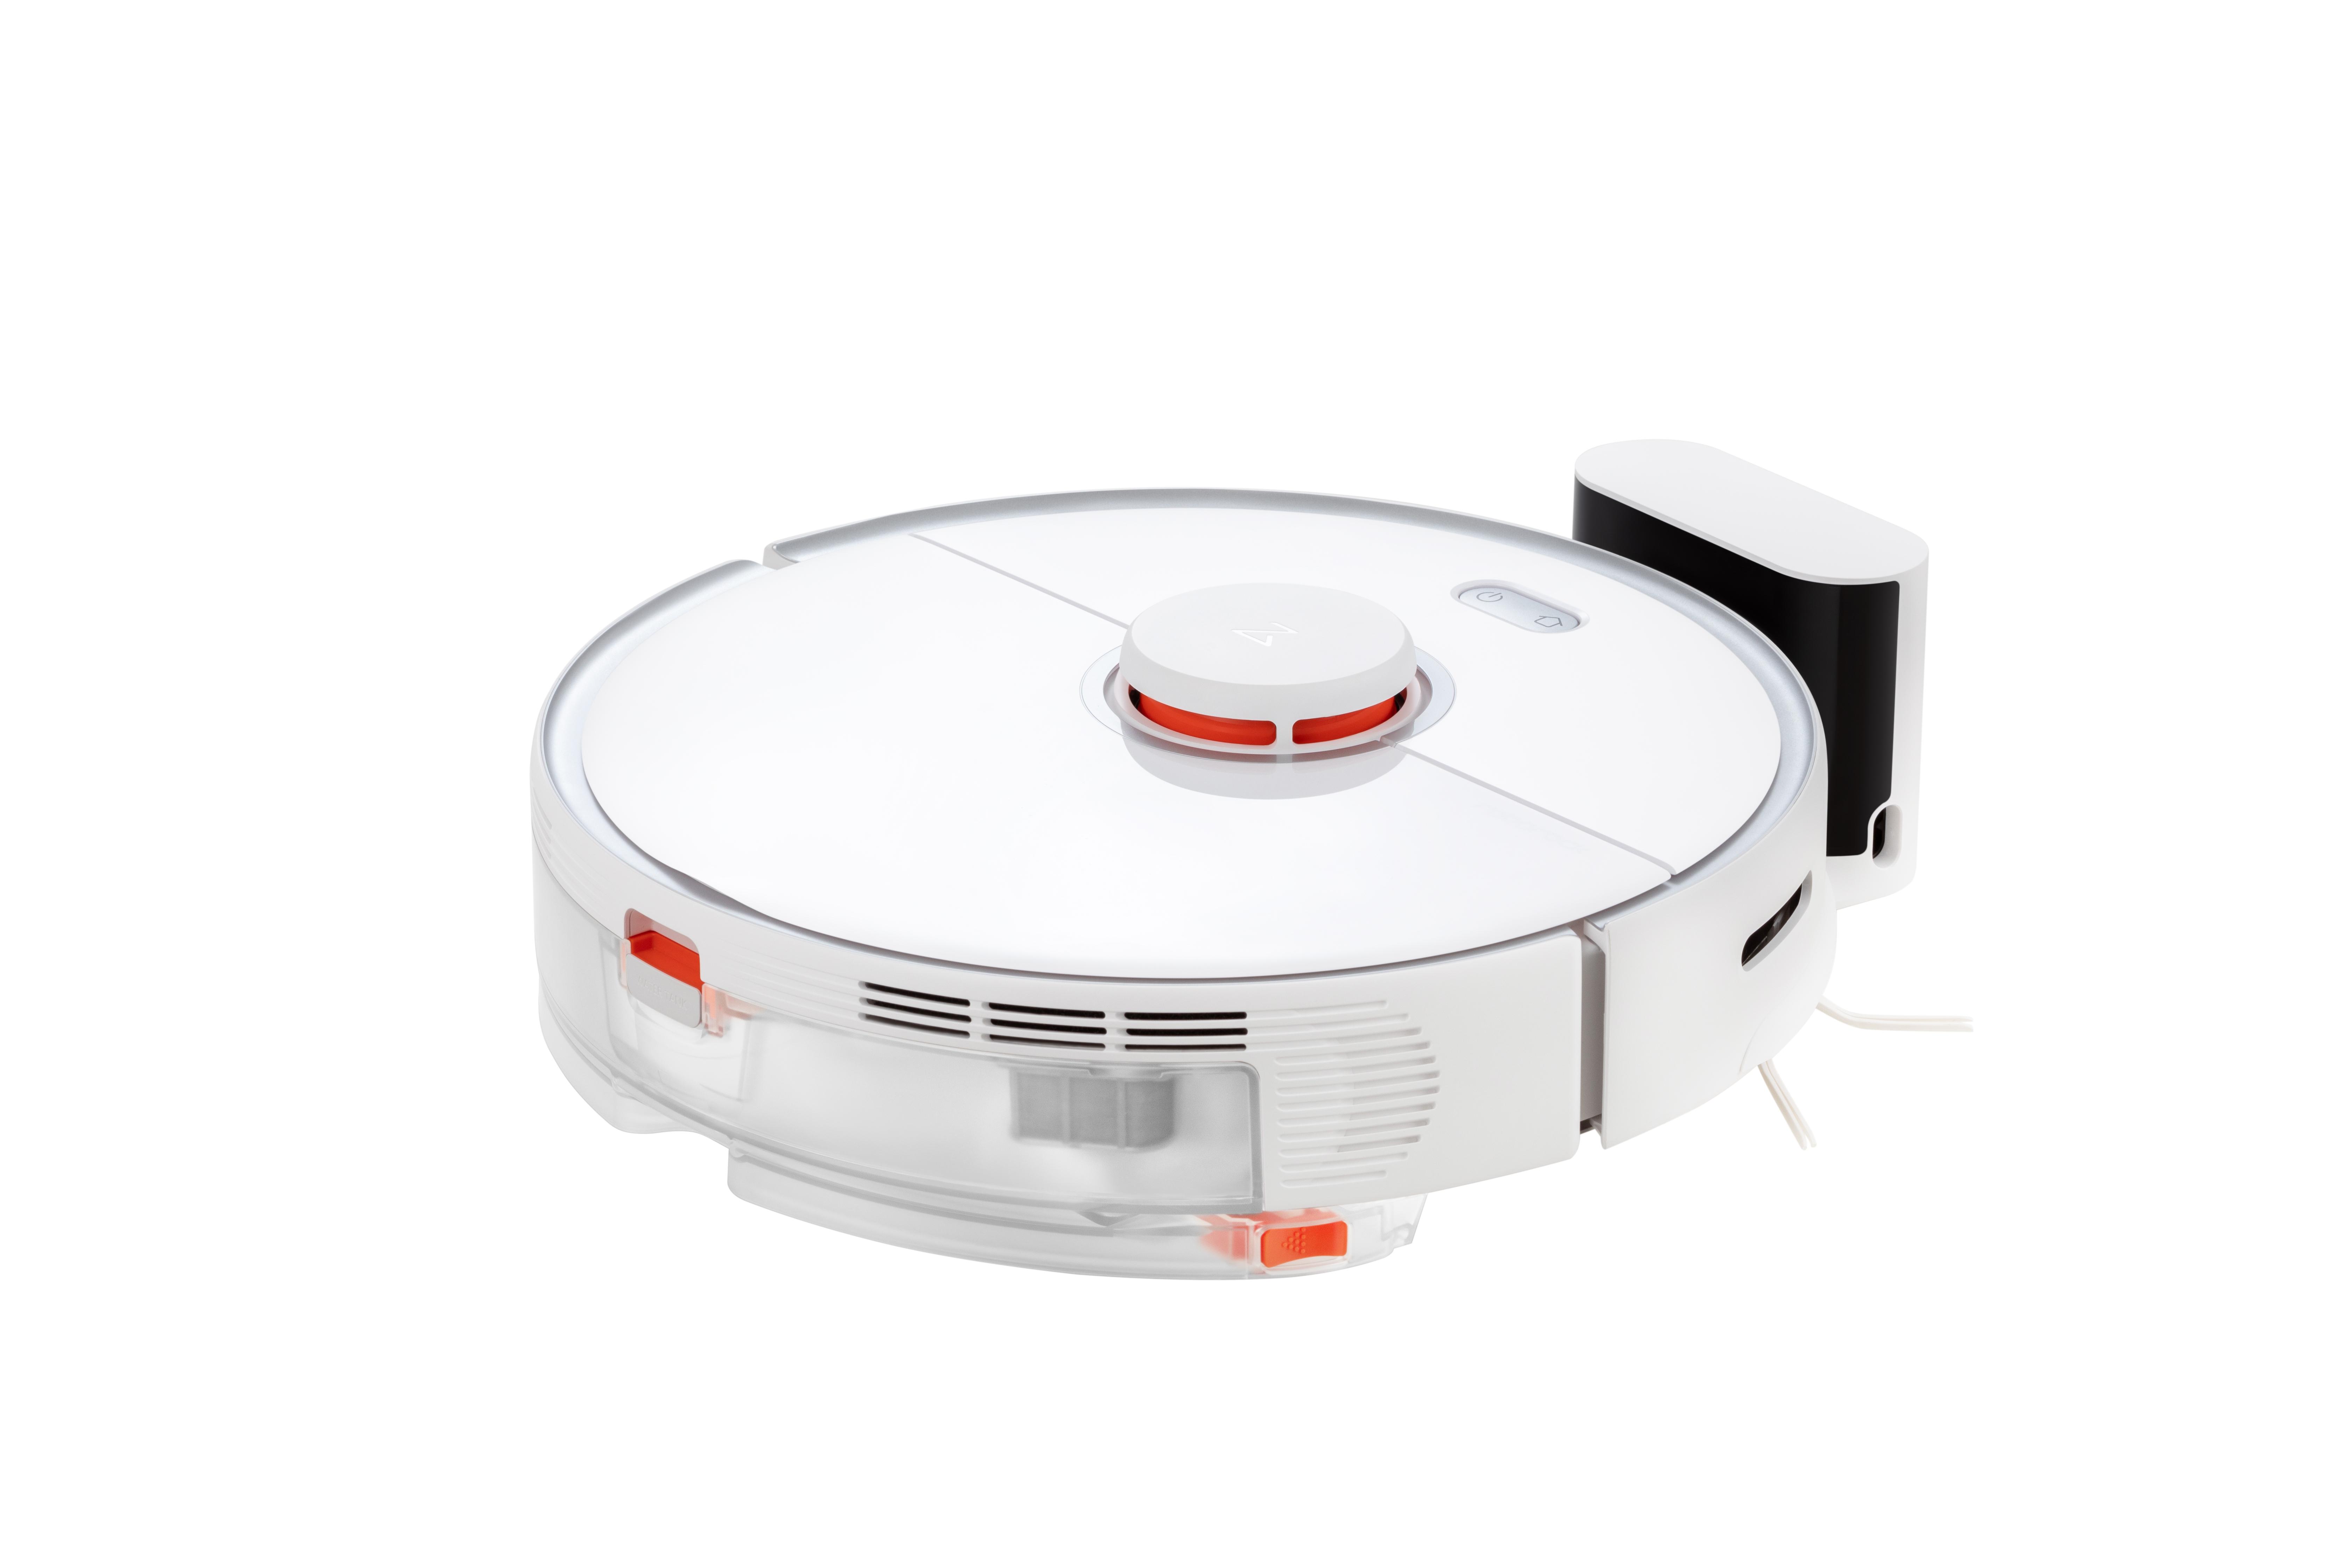 Roborock S5Max, Robot Aspirador, Alto Rendimiento, Aspirado y Fregado, Todo Tipo de Suelos, Limpieza, Sensores control Suciedad, APP, Blanco. Ahorra tiempo en la limpieza de casa gracias al robot Roborock S5Max.